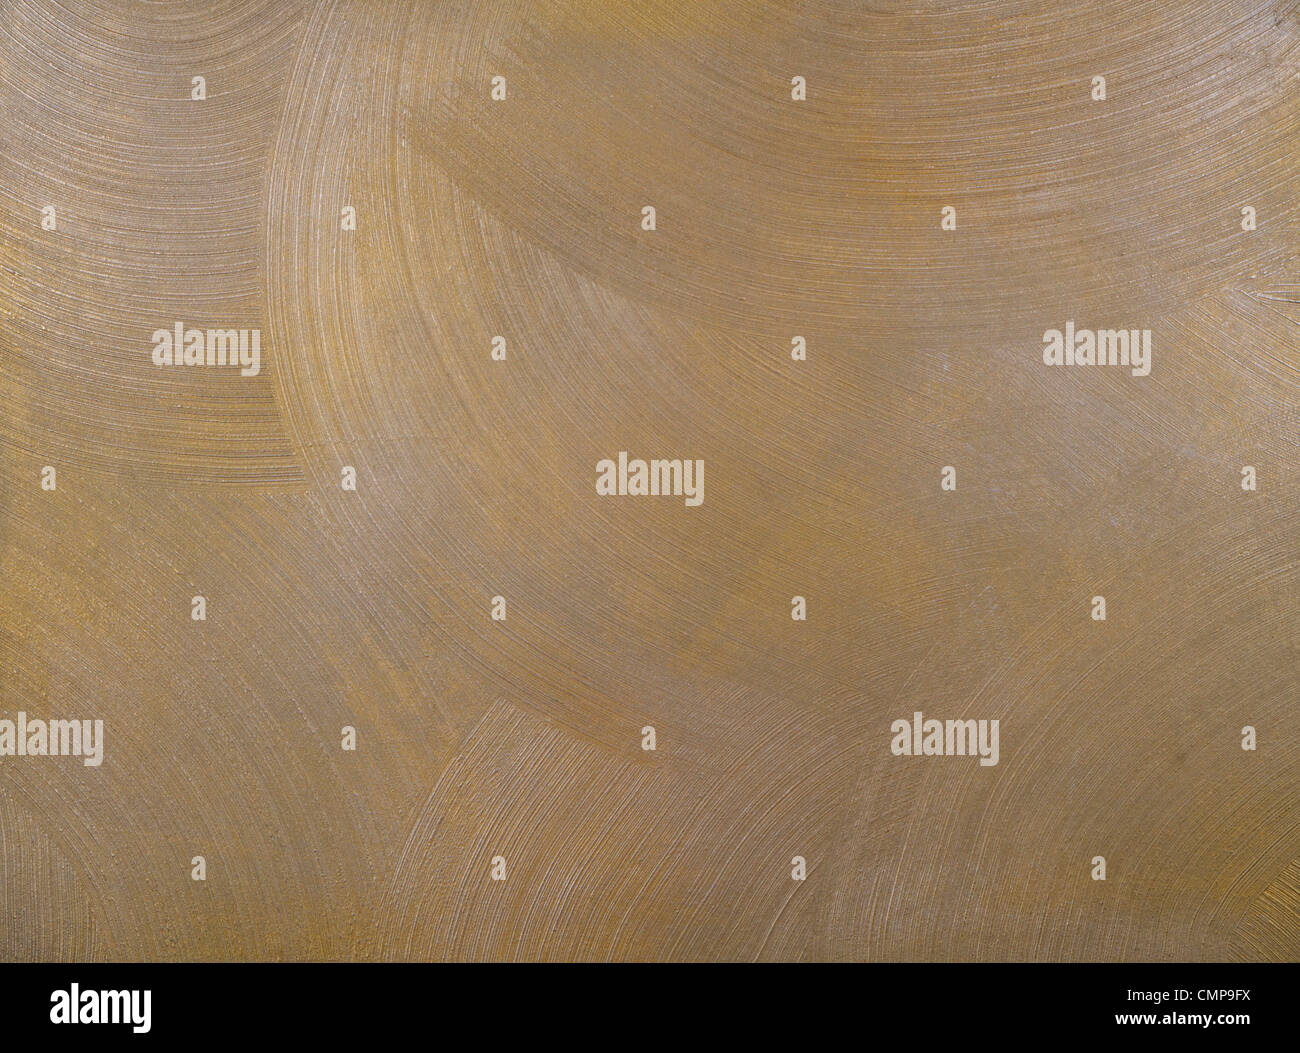 Textur von einer Betonmauer bedeckt mit metallic-Lack, mit häufigen, Runde zentrische Striche. Stockbild